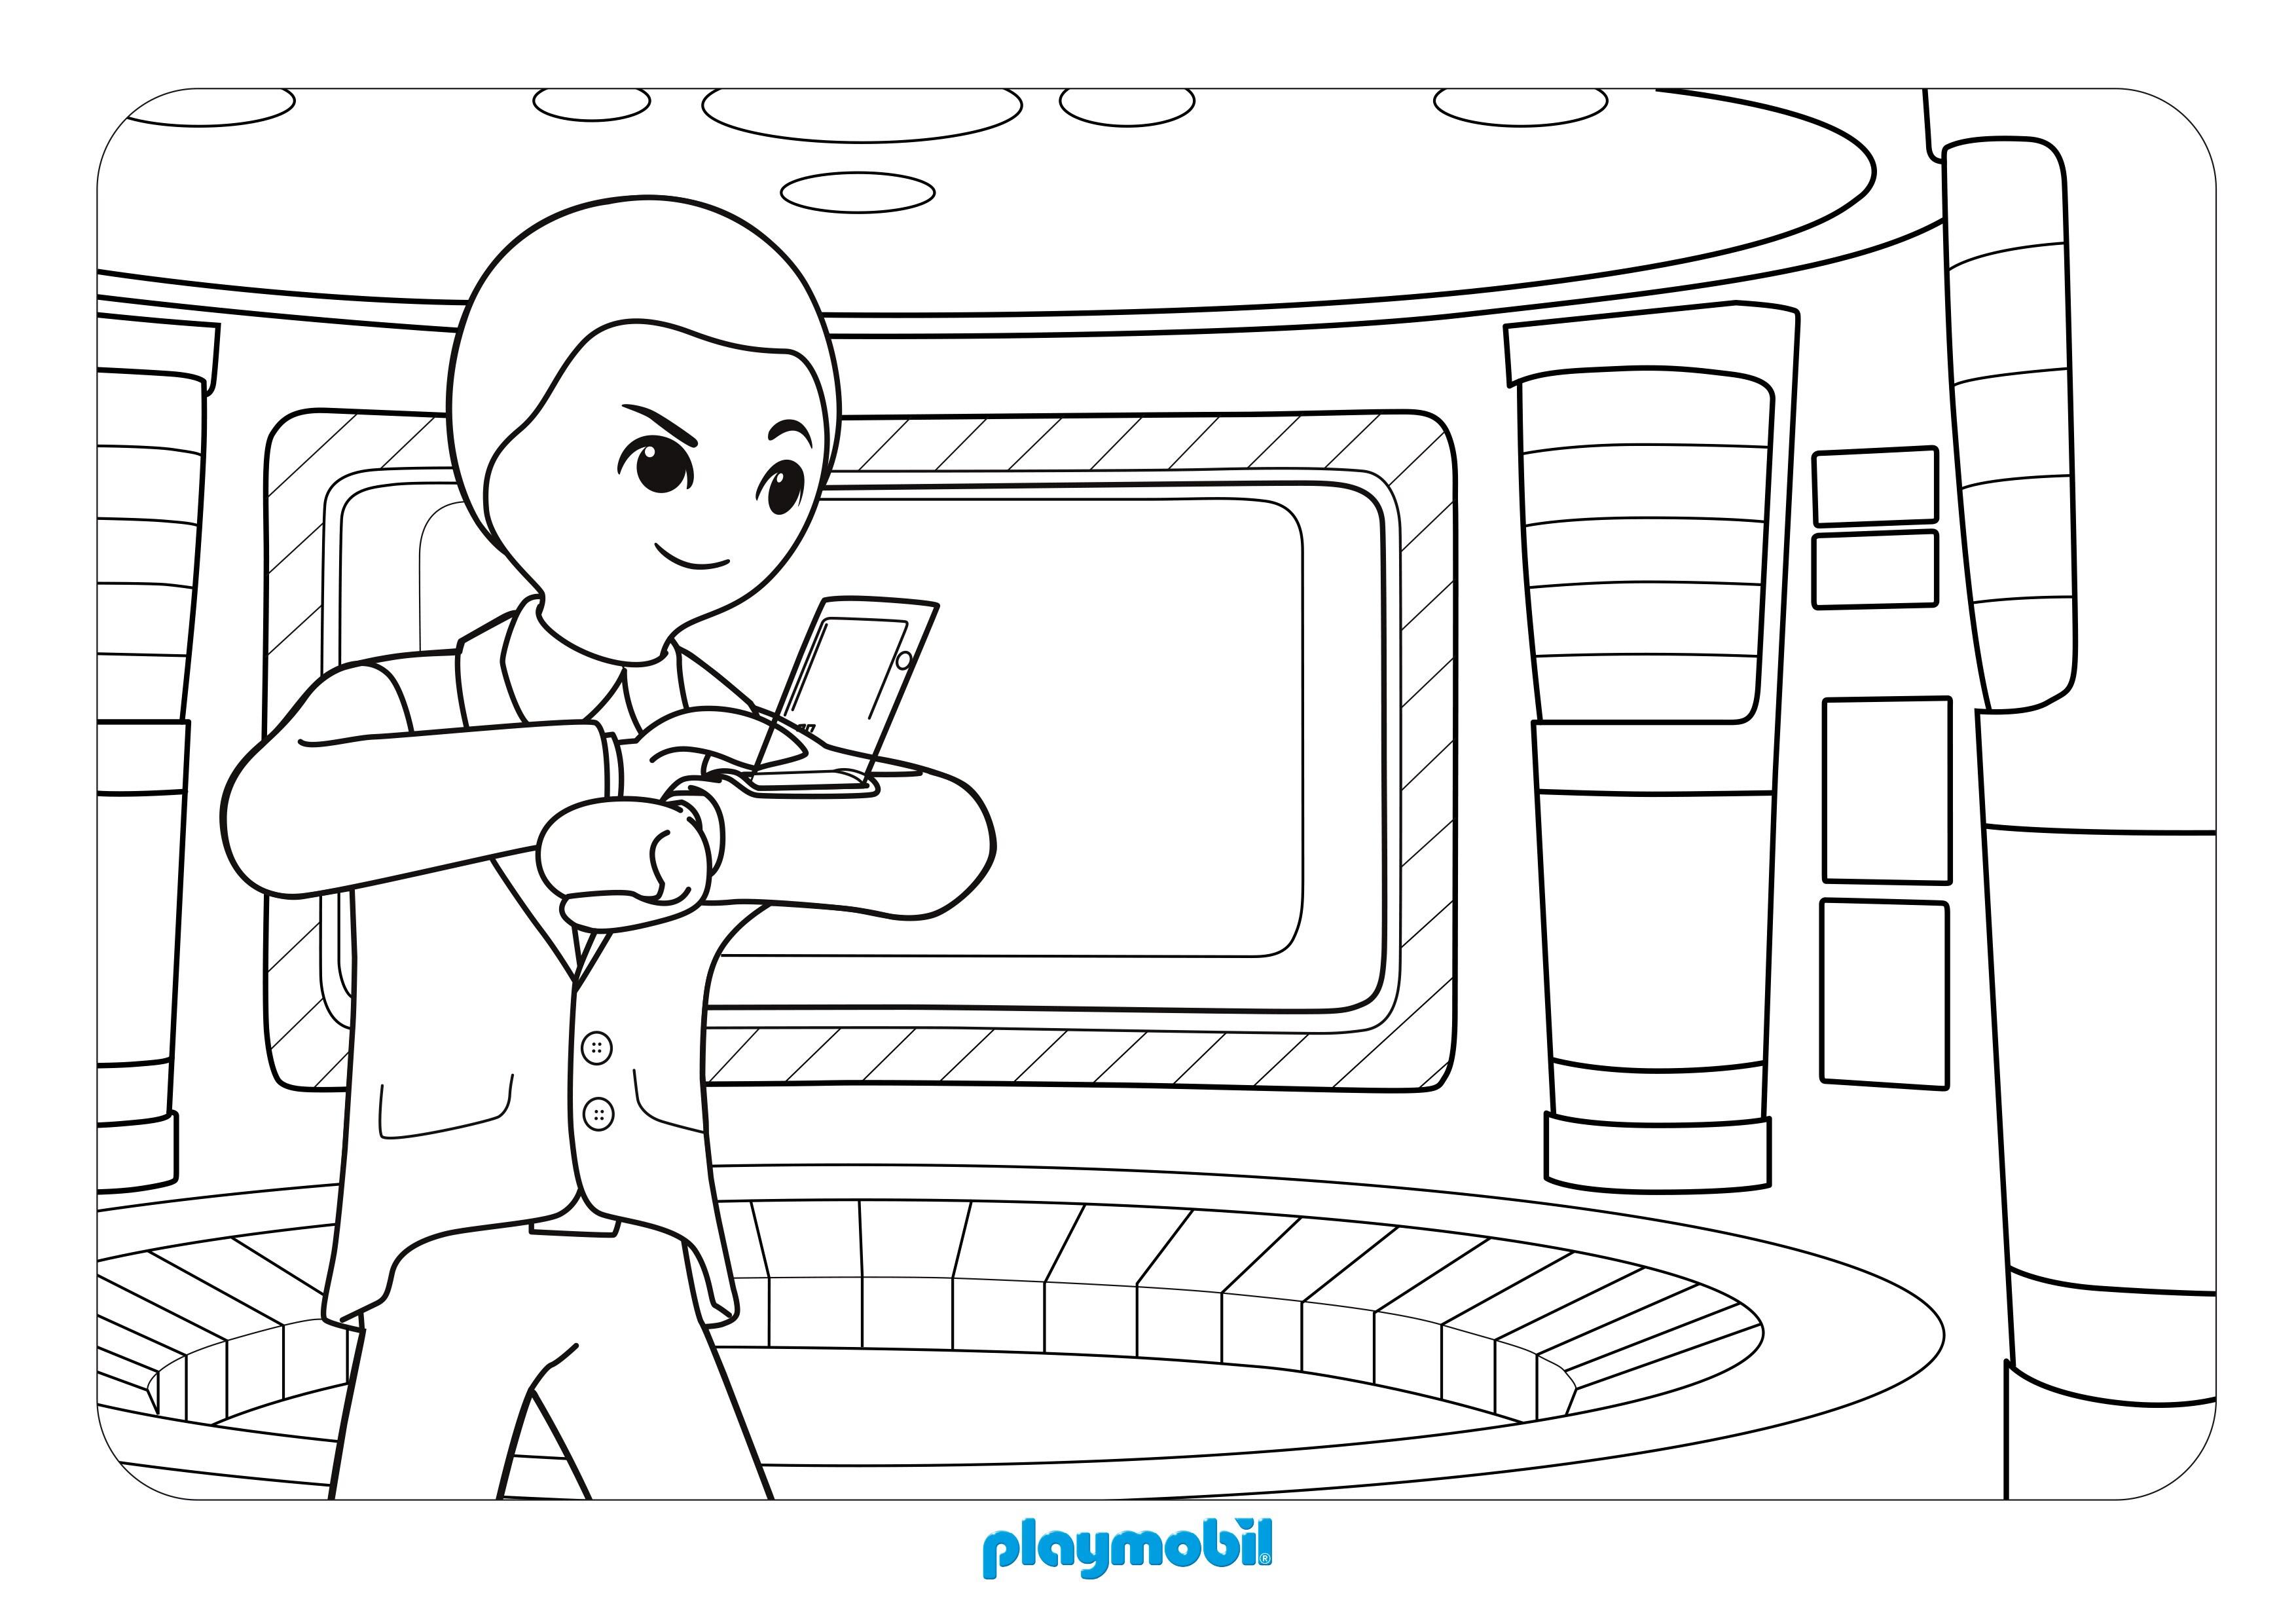 ausmalbilder playmobil drachen | top kostenlos färbung